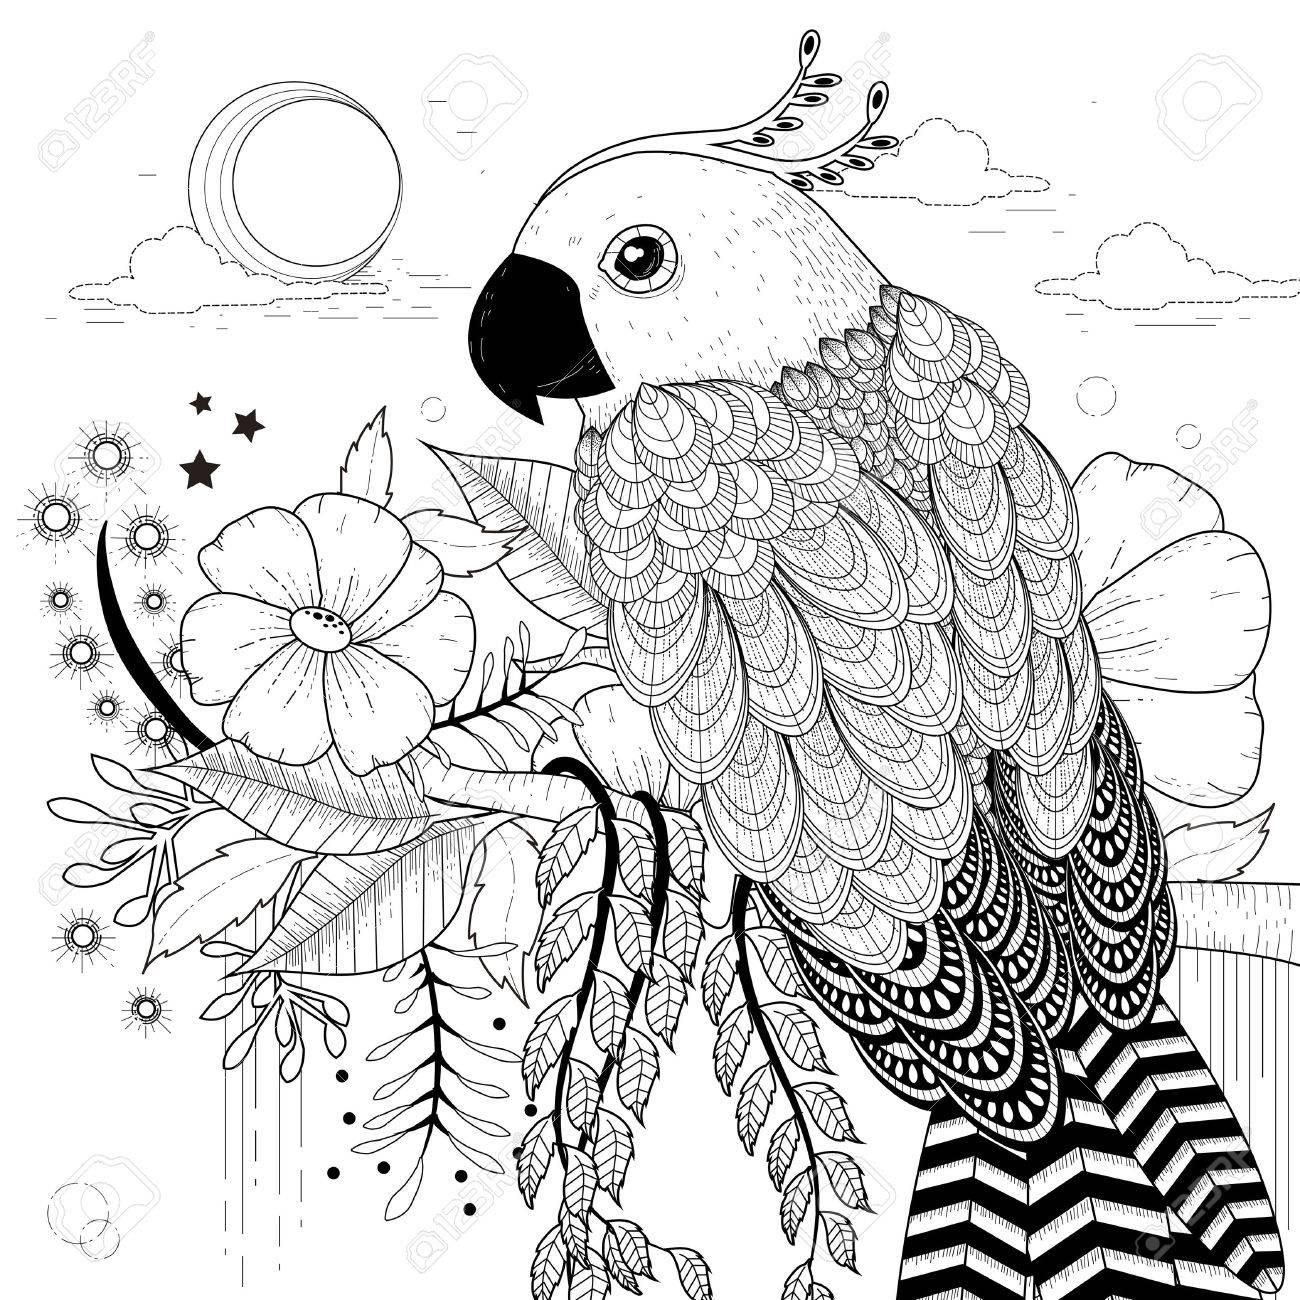 Schöne Papagei Malvorlagen Im Exquisiten Stil Lizenzfrei Nutzbare ...